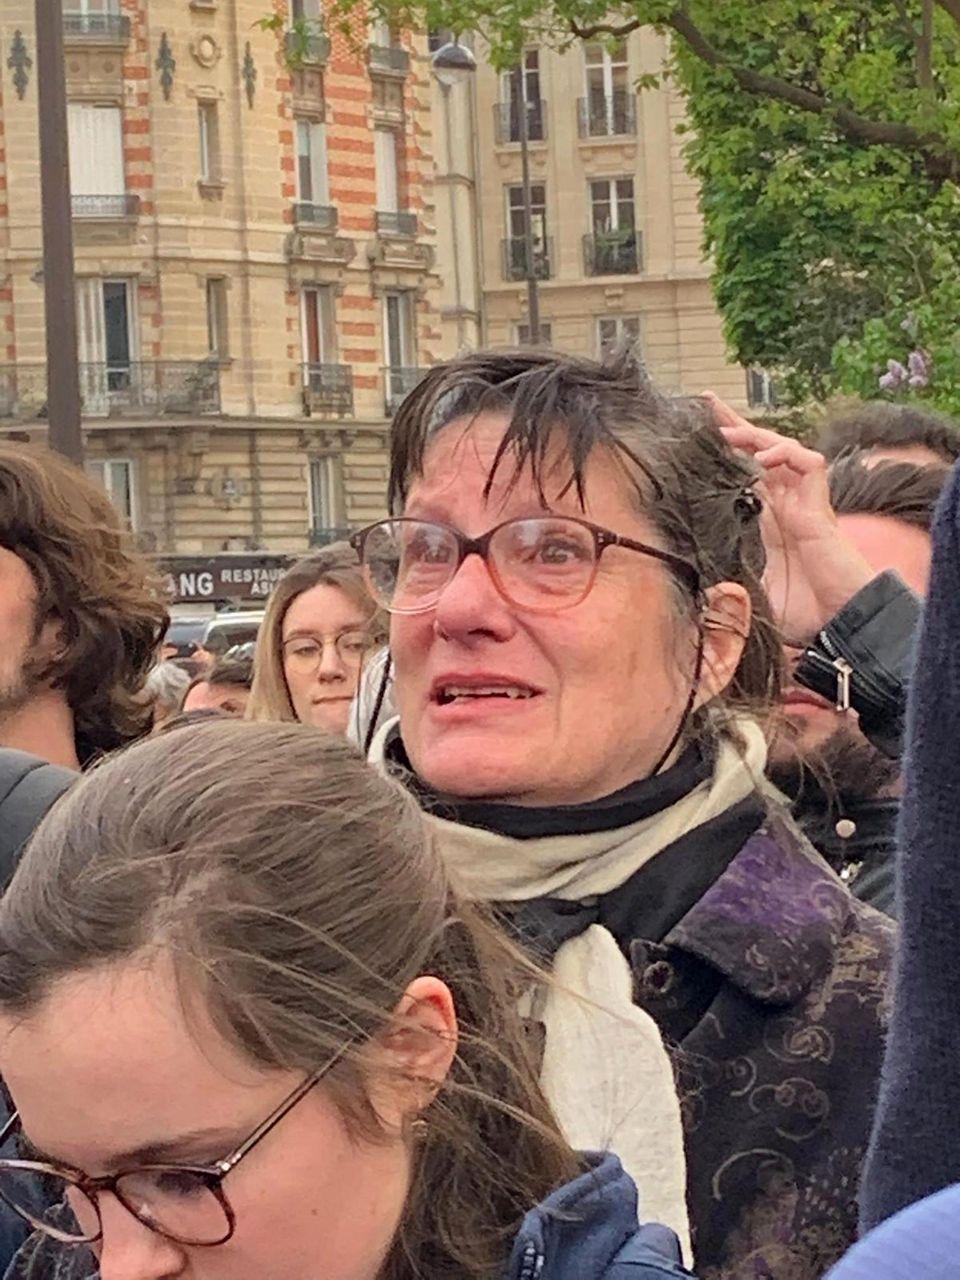 Brand in Notre-Dame: Feuer erst nach zweitem Alarm entdeckt +++ Schon 600 Millionen Euro Spenden für Wiederaufbau